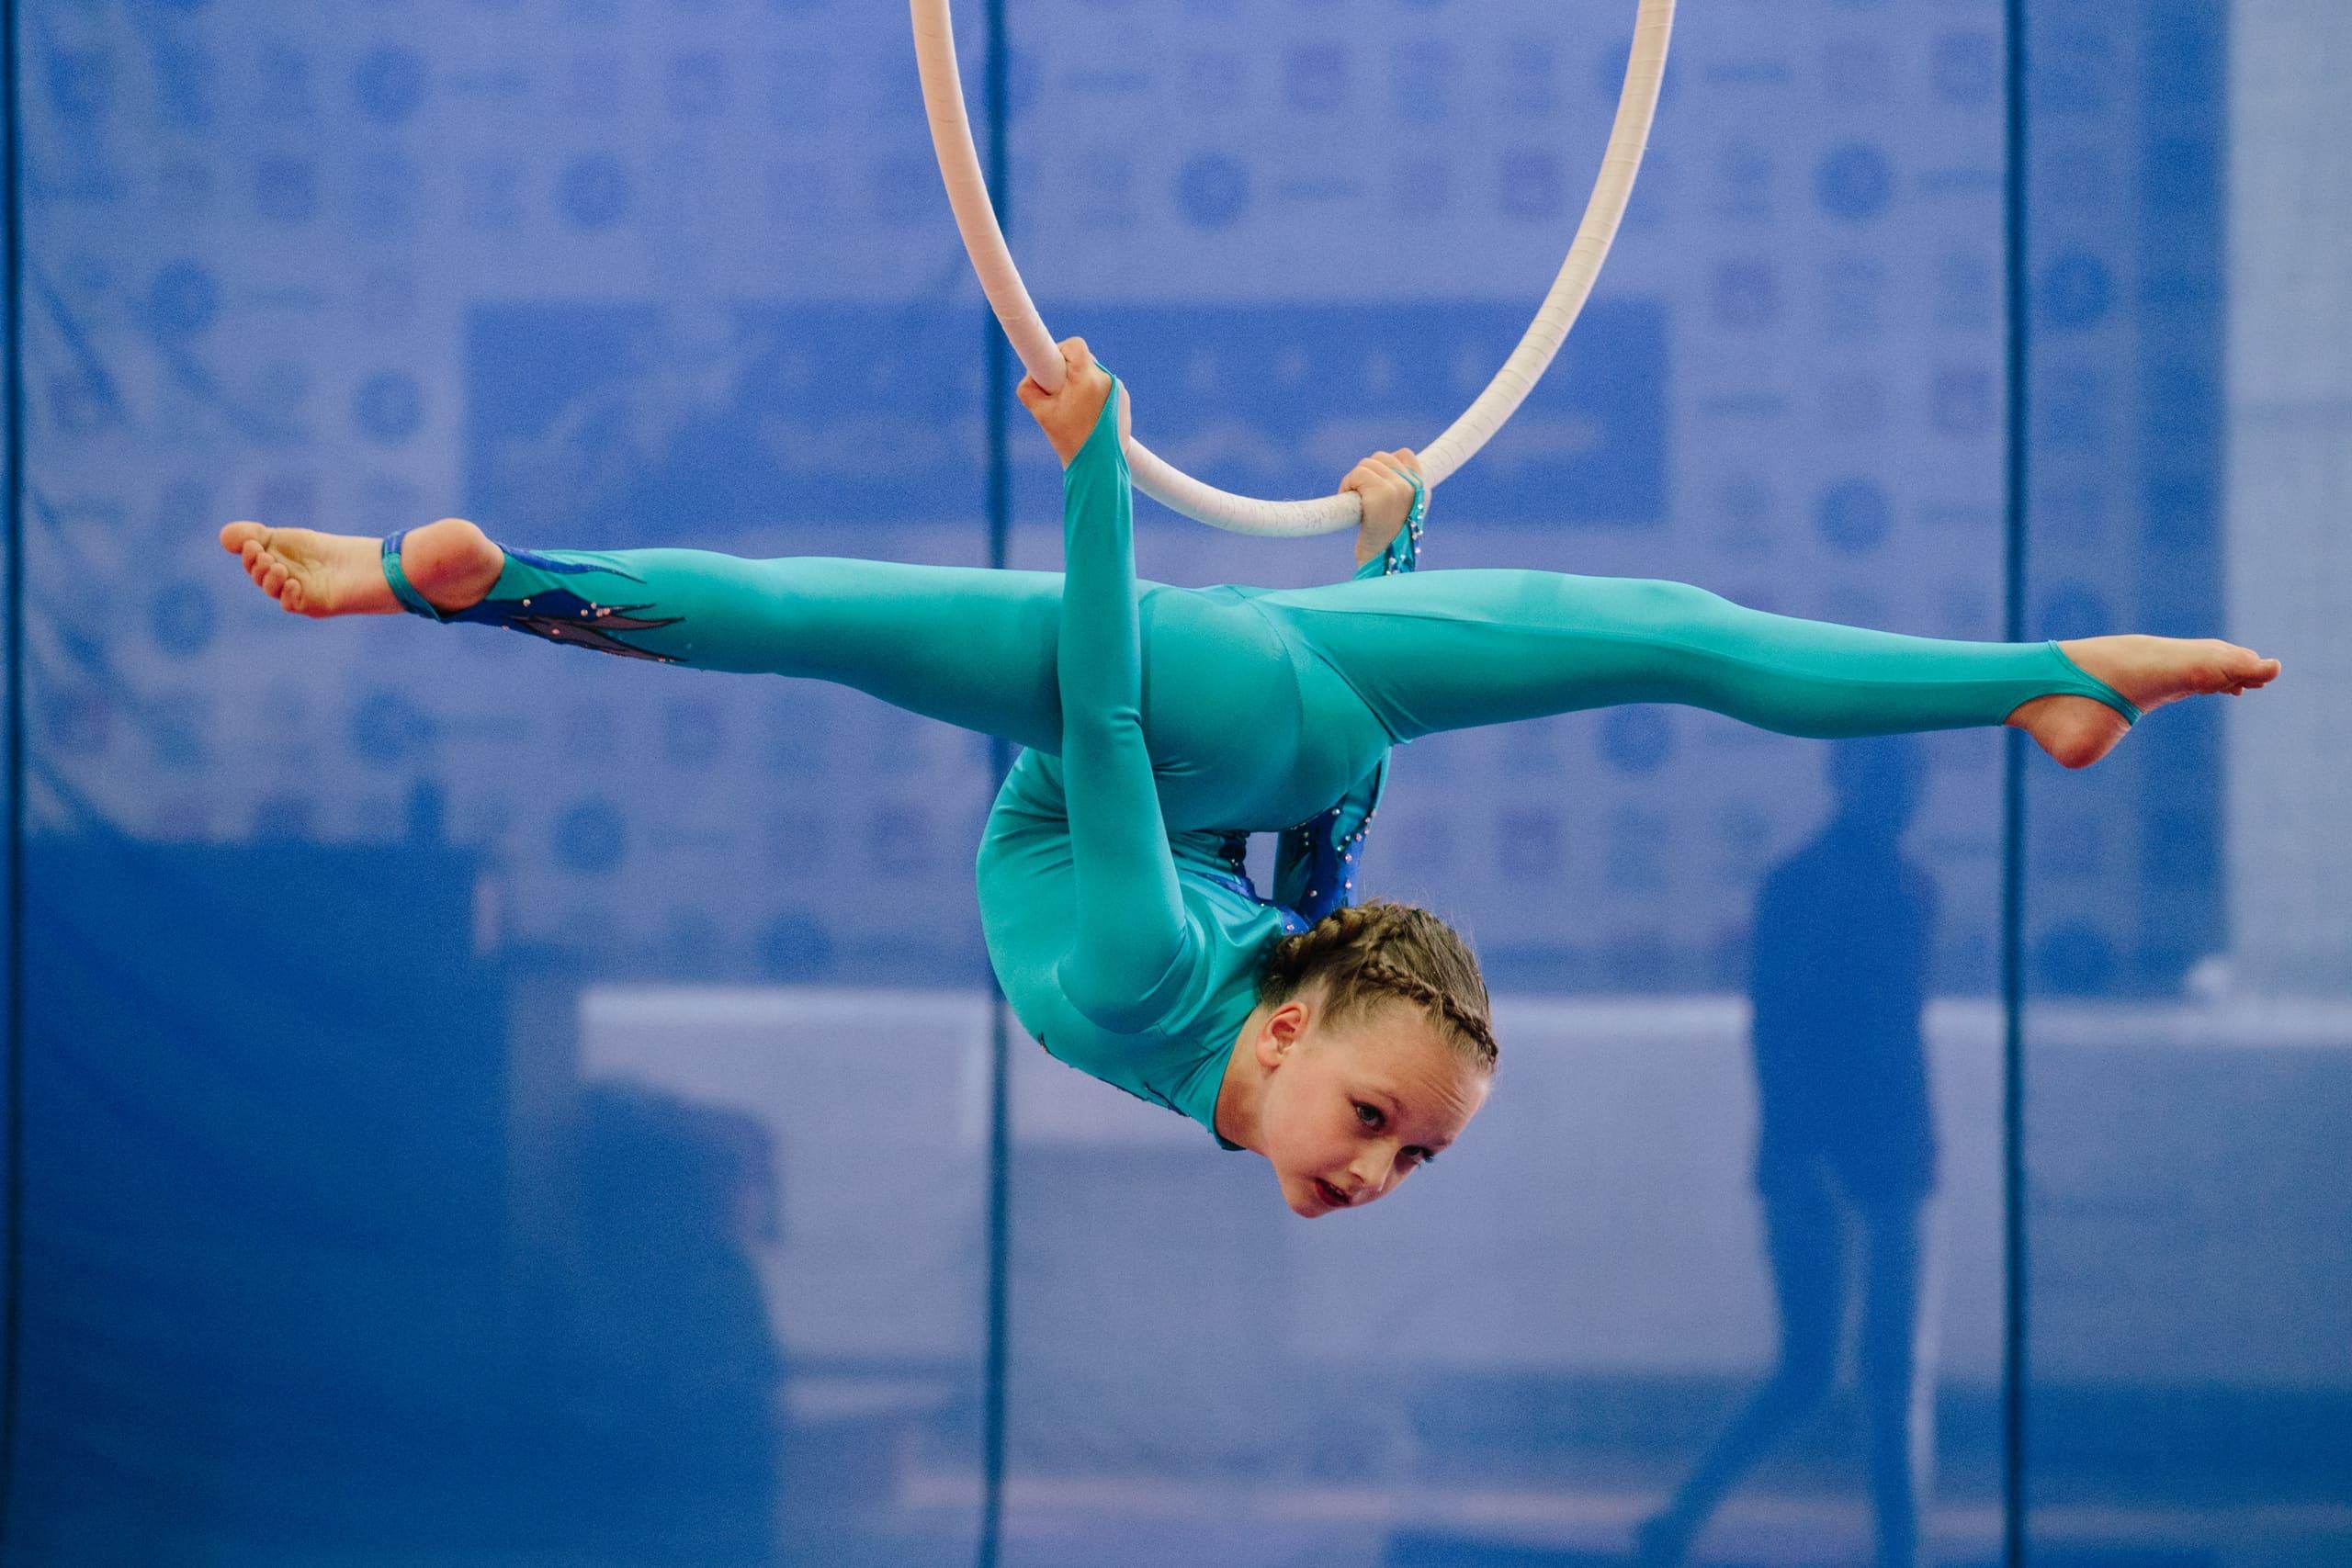 свое фото воздушной гимнастики свадебный фотограф днепропетровске